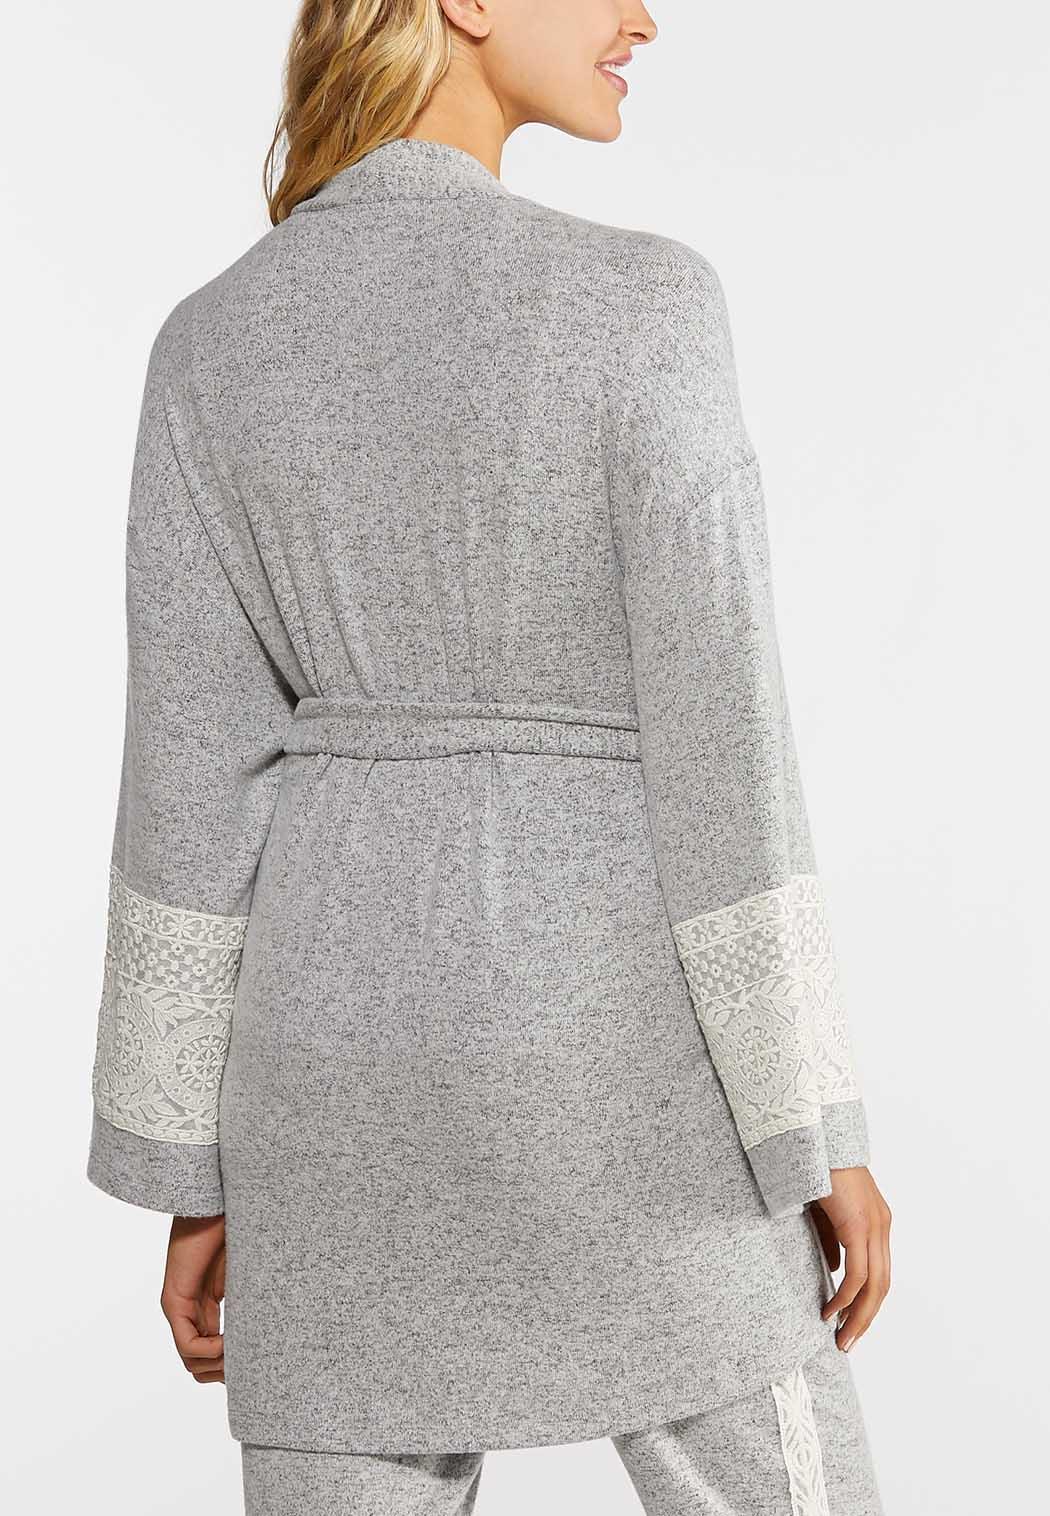 Lace Sleeve Lounge Cardigan (Item #44013269)